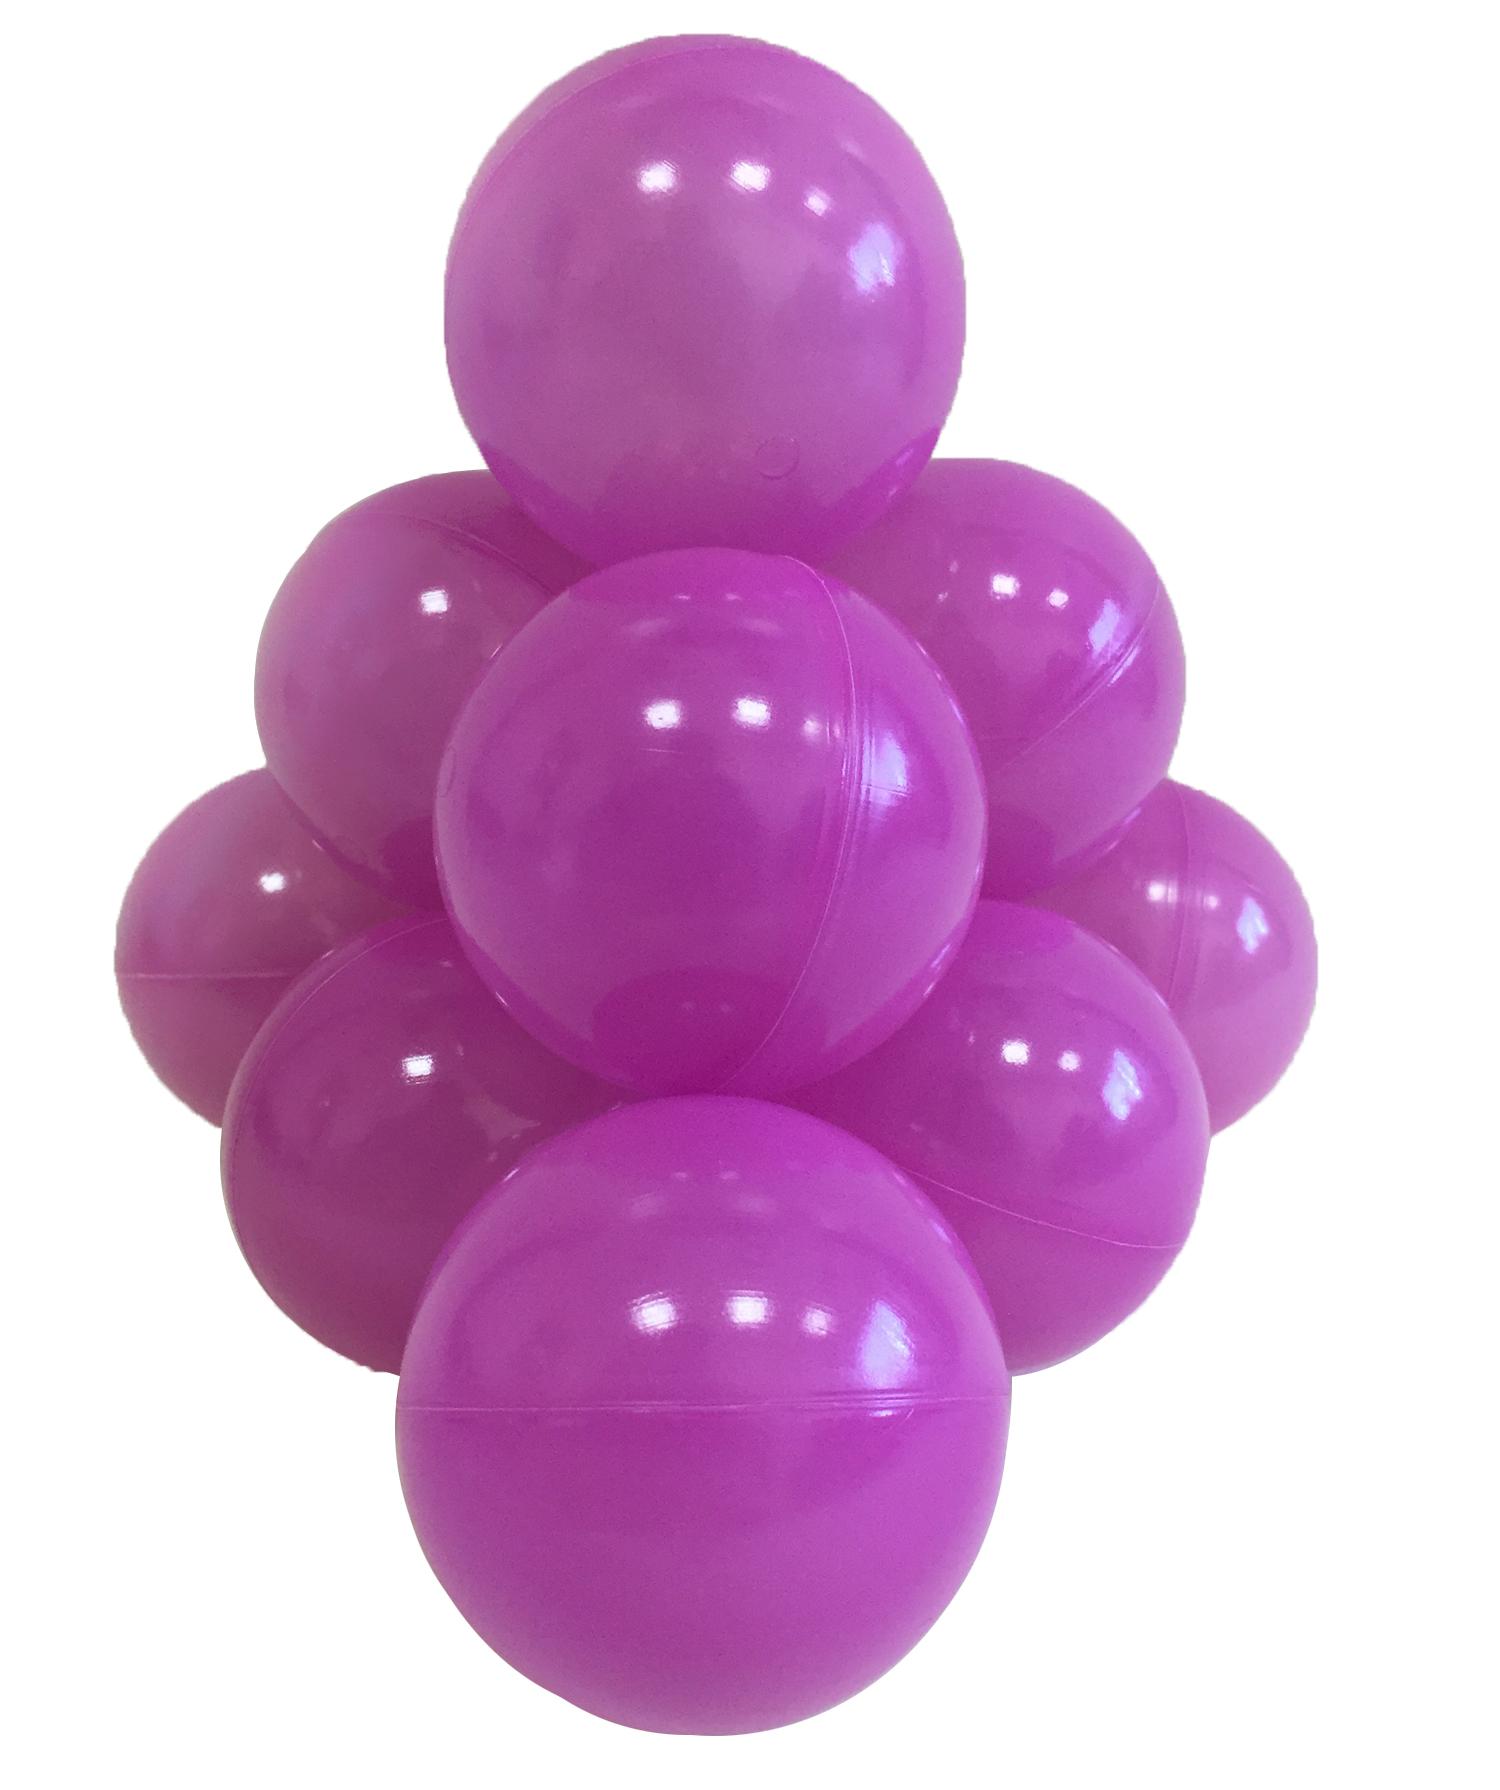 Шарики в наборе для игрового бассейна 50 шт, диам 7см, фиолетовые